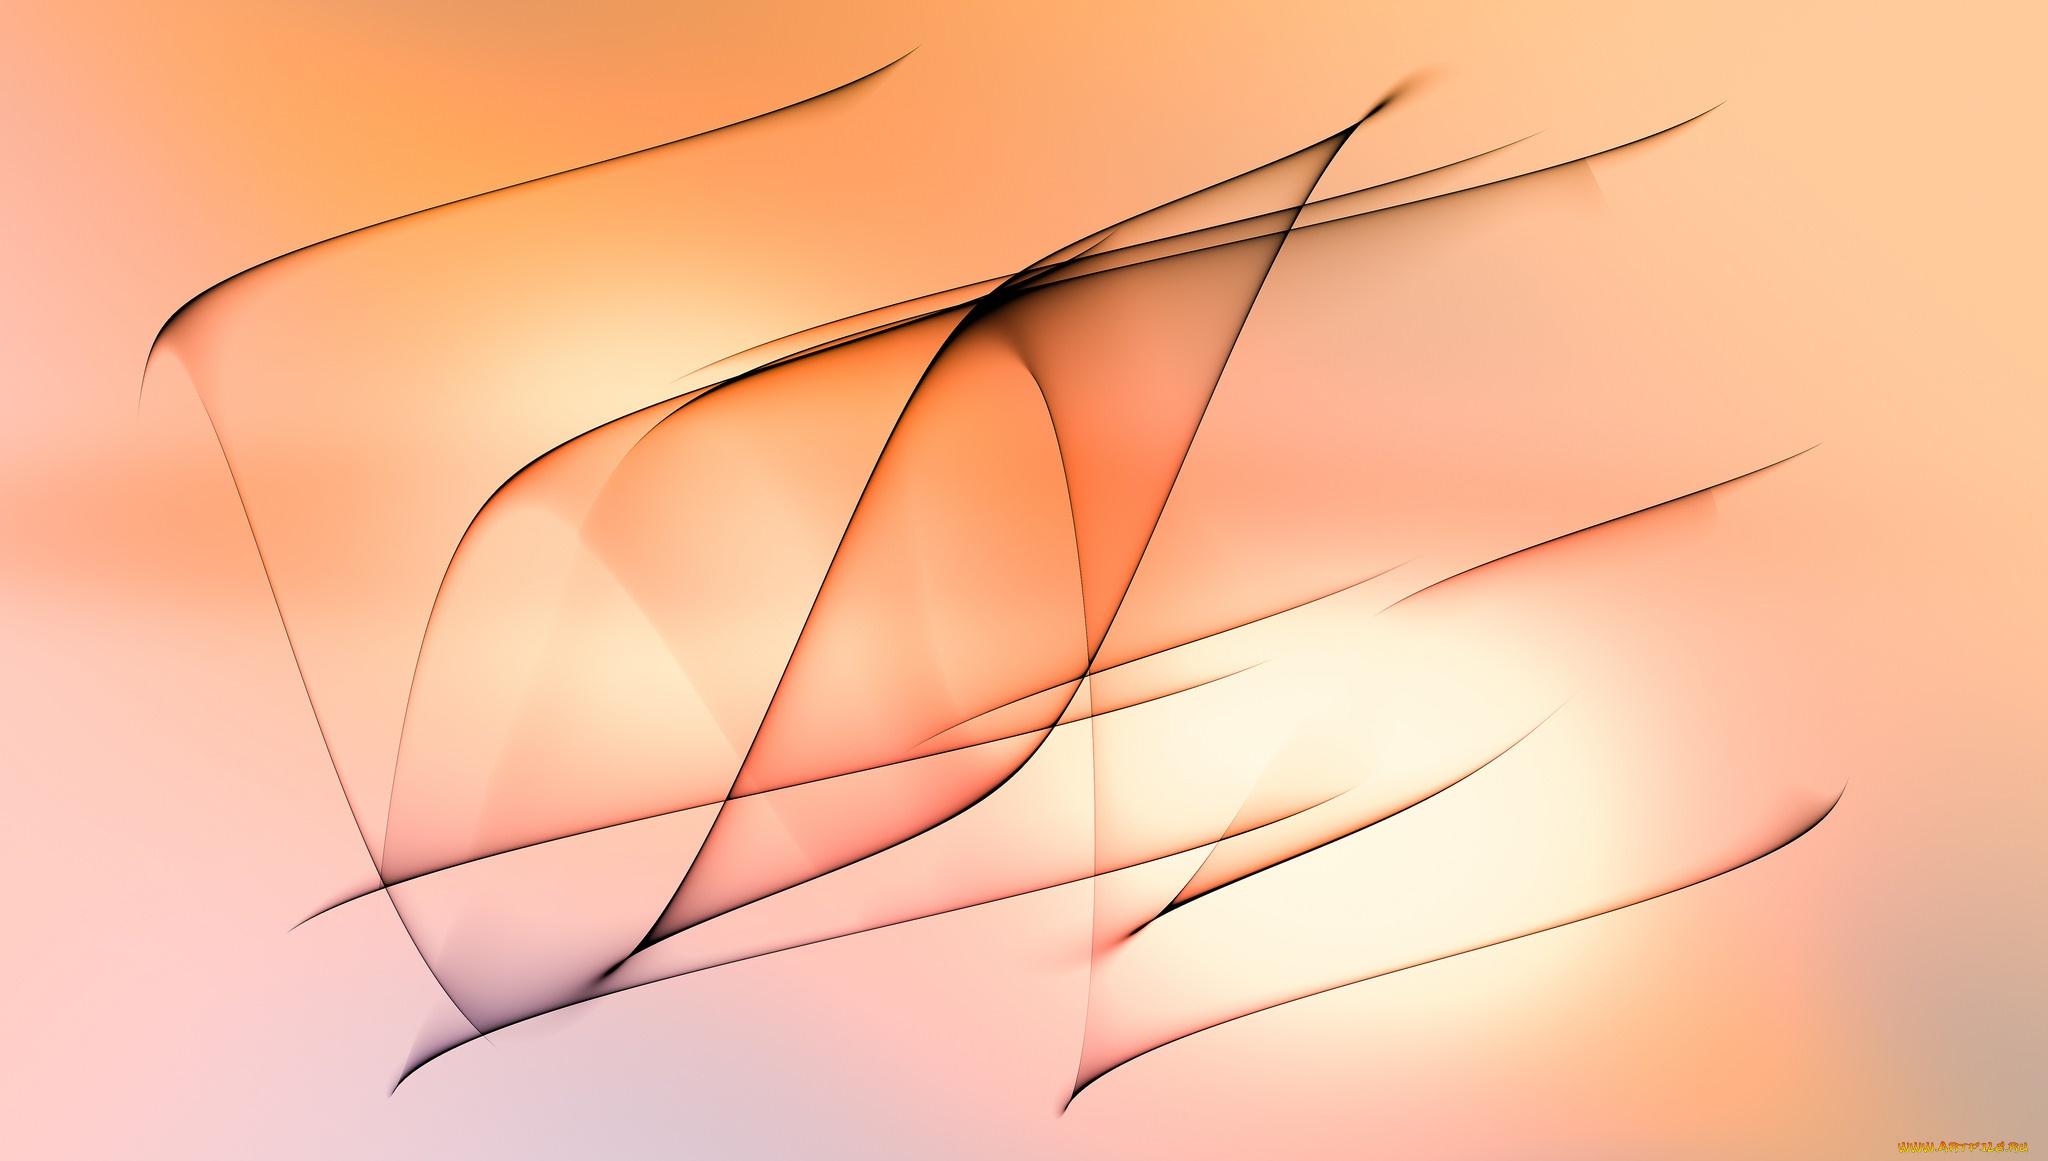 текстуры графика абстракция линии бесплатно